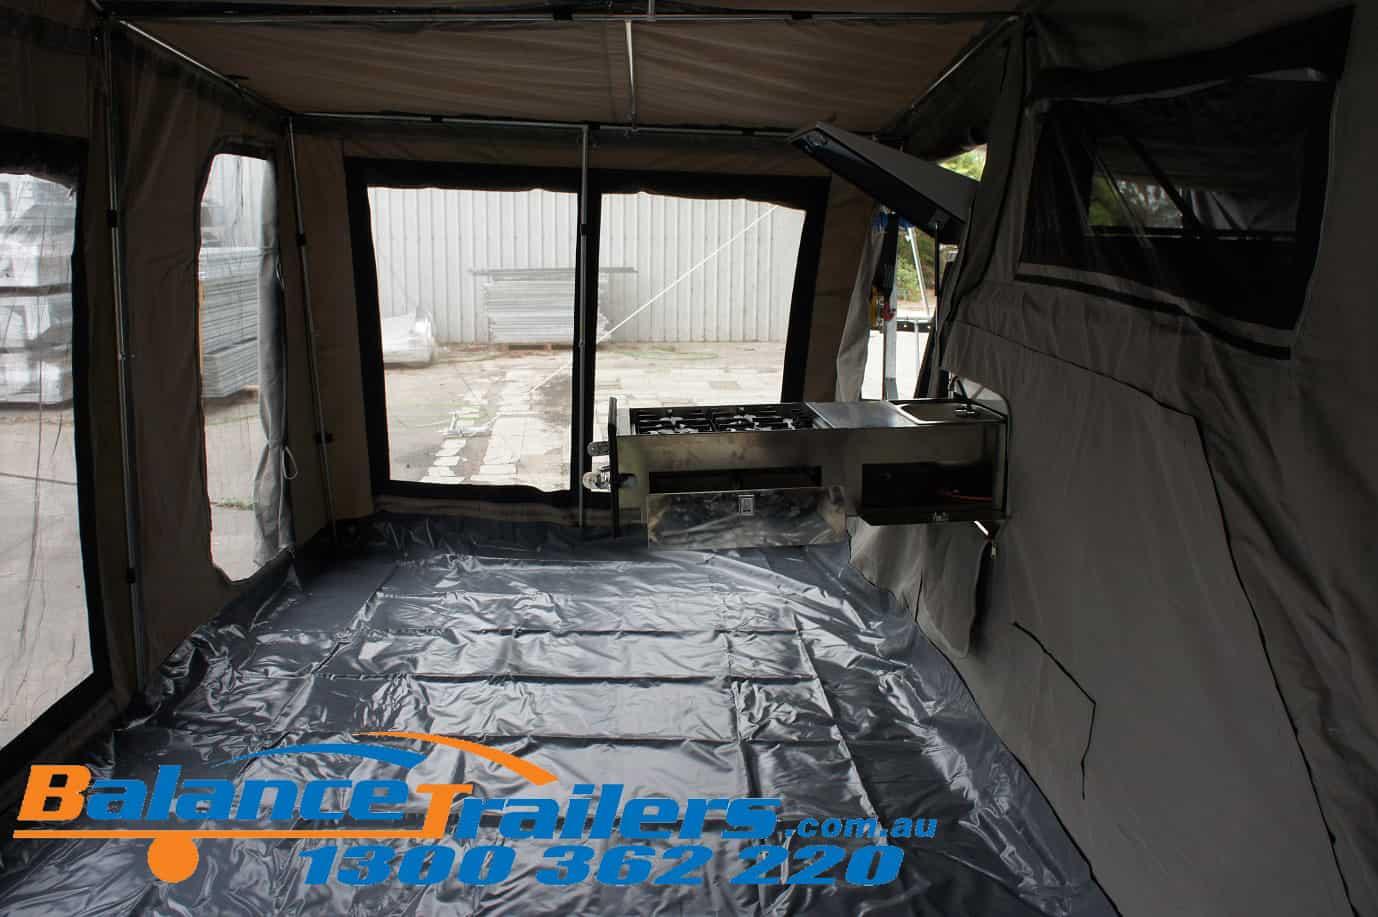 Hard Floor Camper Trailer BT01HF Image 18